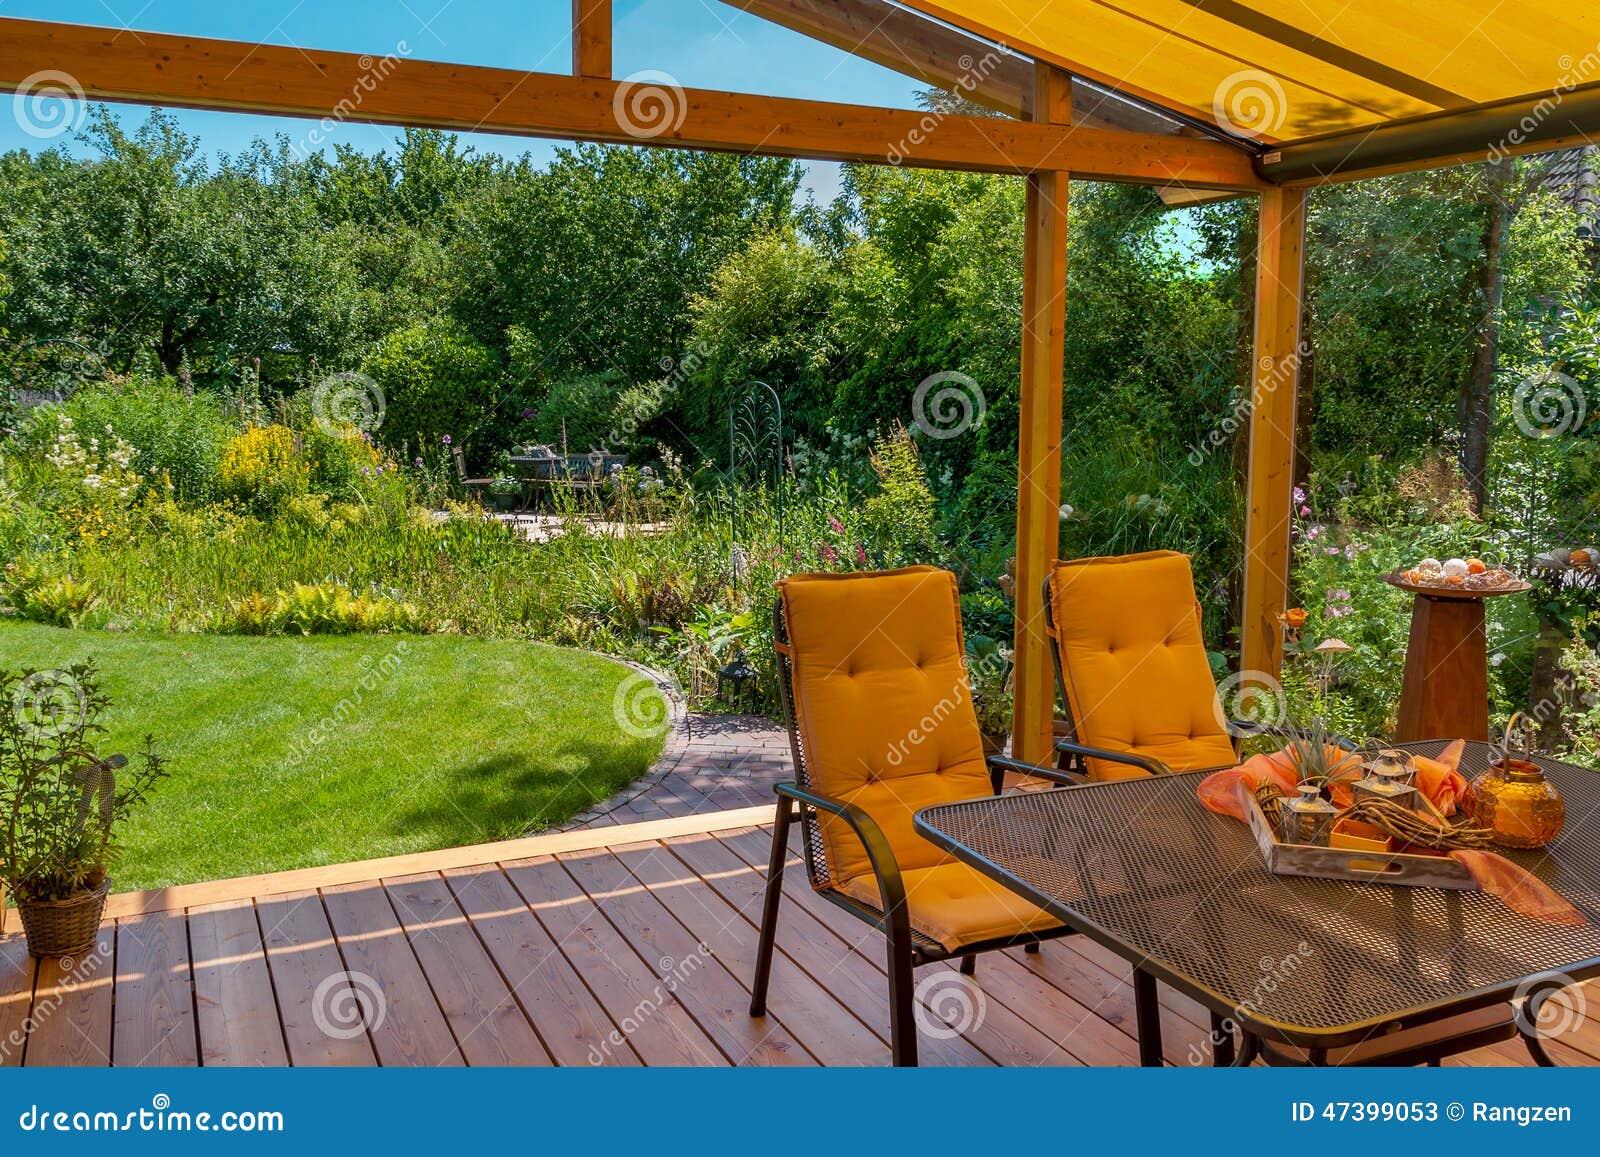 Terrasse et jardin d'été image stock. Image du bleu, home - 47399053